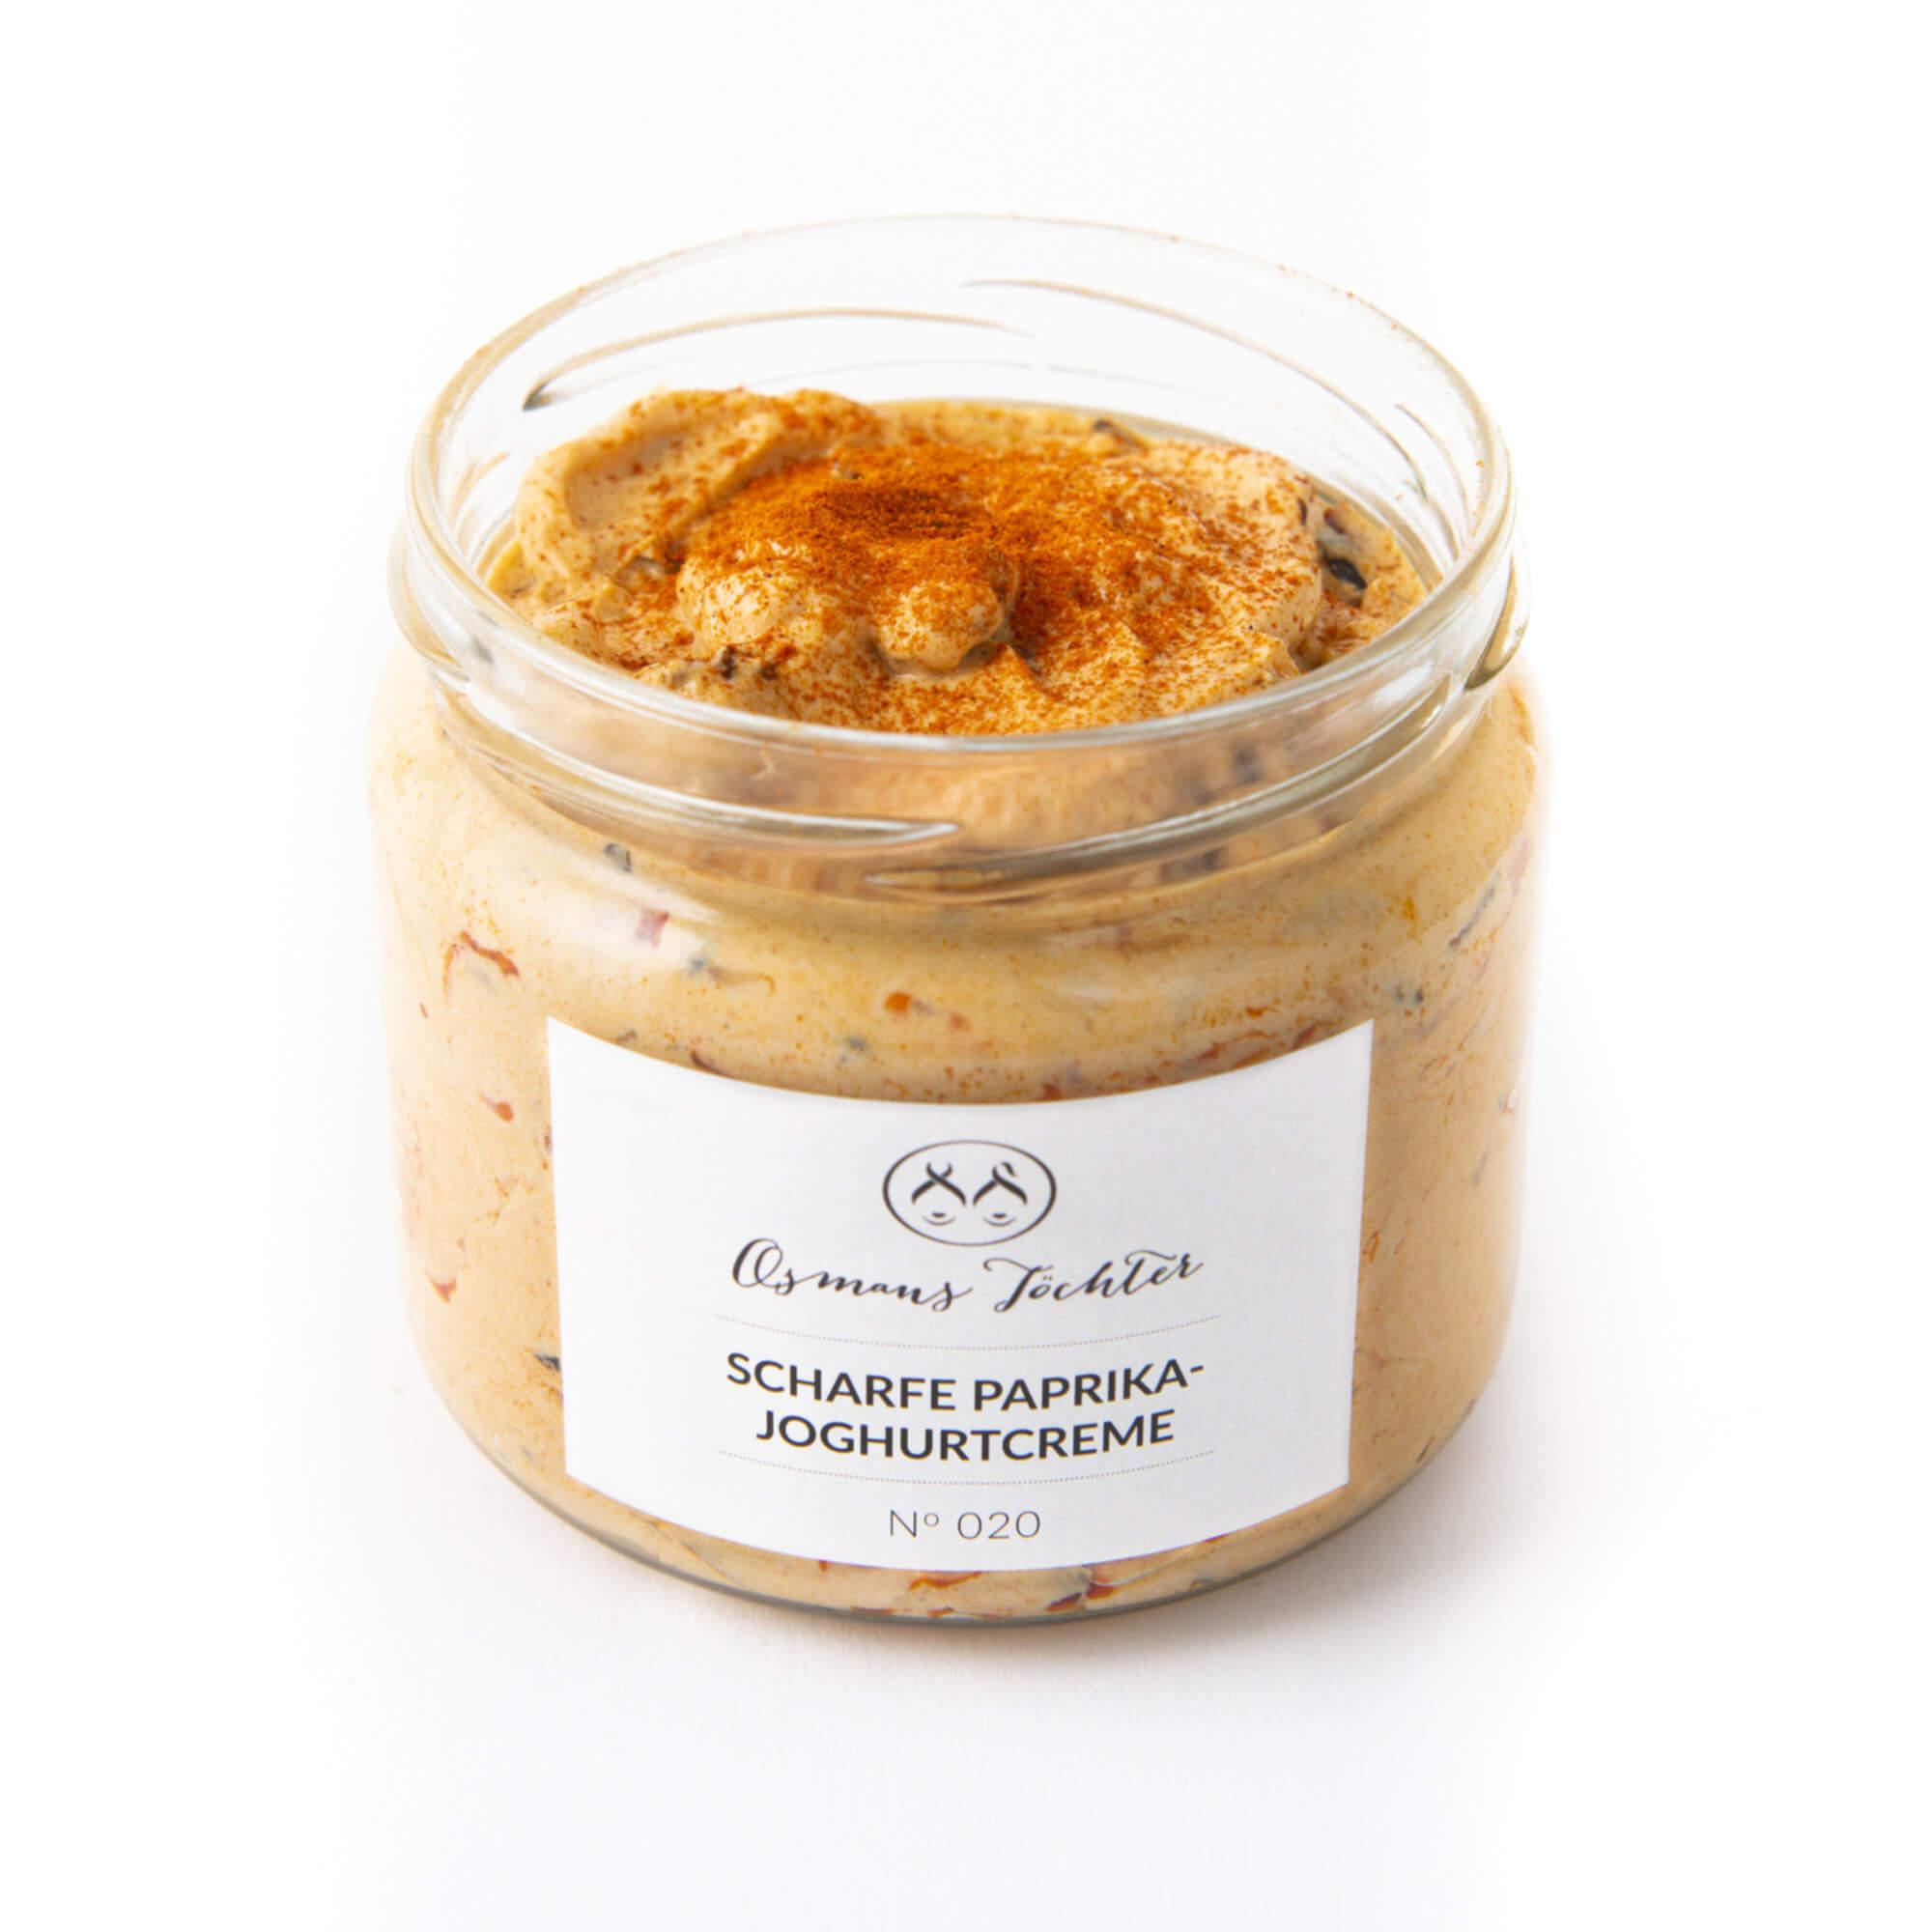 Scharfe Paprika - Joghurtcreme im Glas geöffnet von vorne